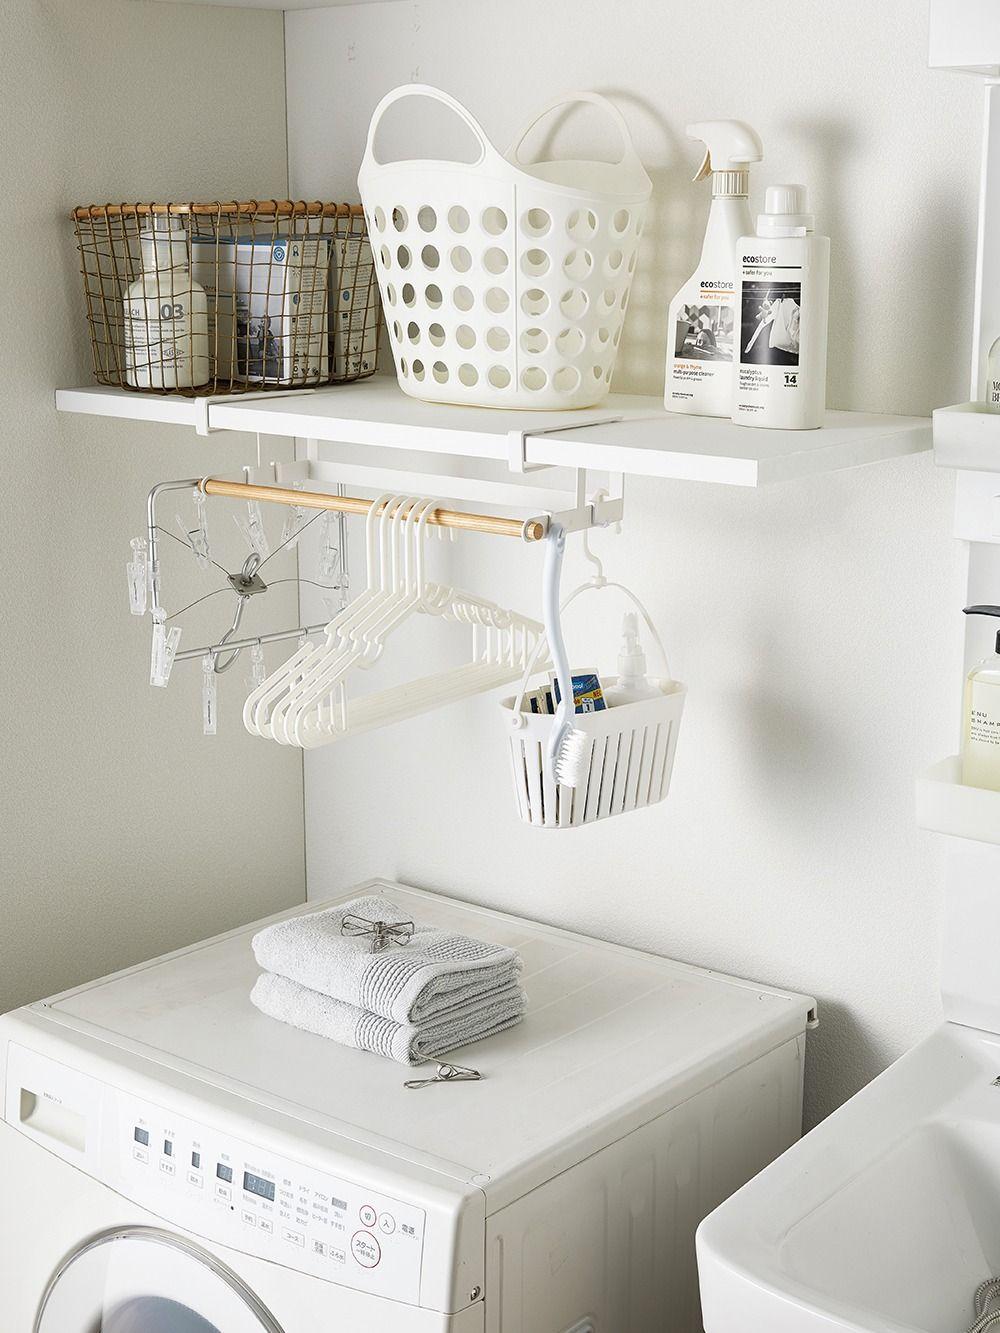 棚下ハンガー収納 トスカ インテリア 収納 脱衣室 収納 洗面所